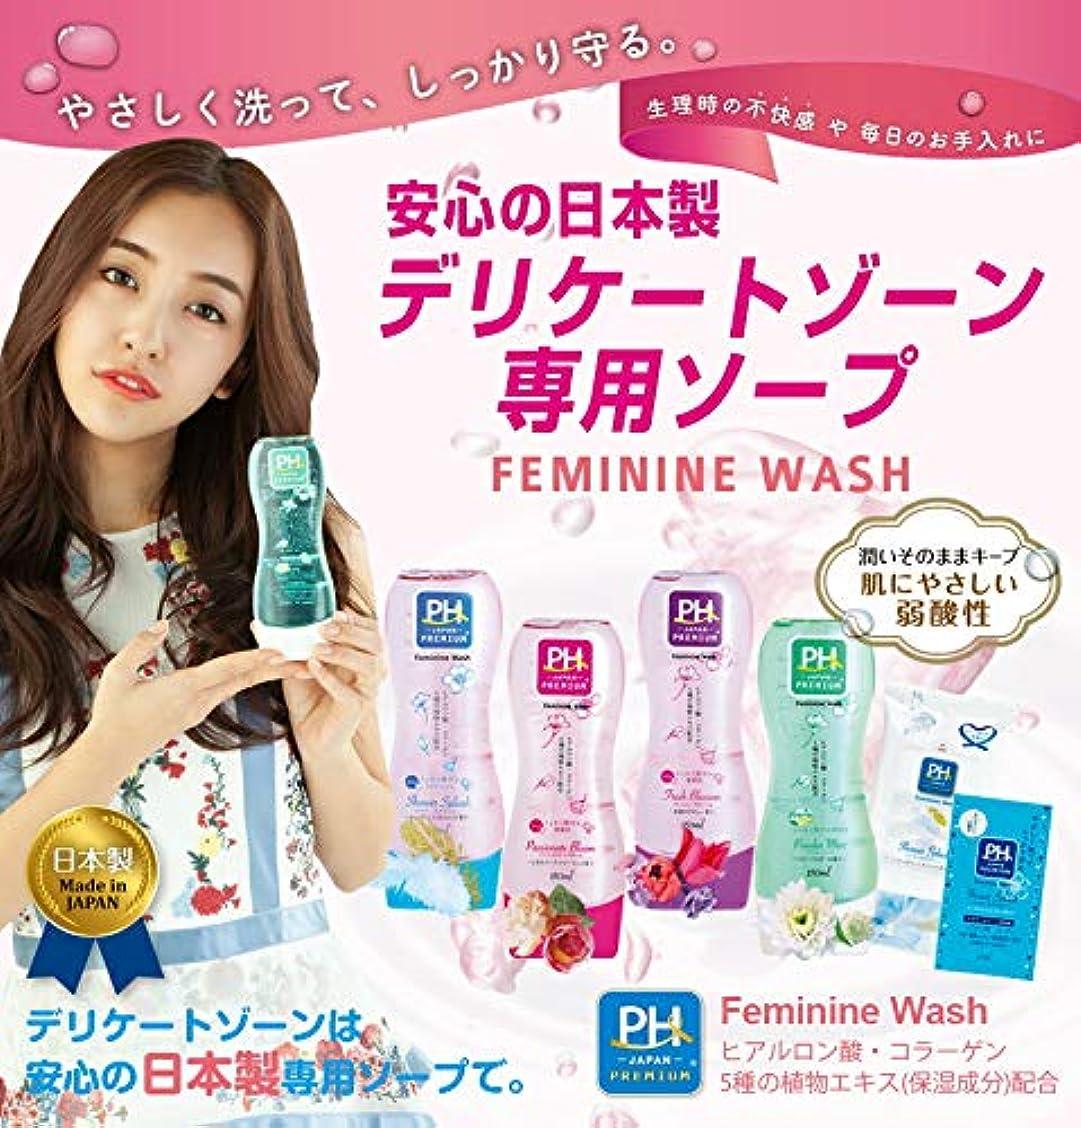 ジェーンオースティン補充破壊パッショネイトブルーム4本セット PH JAPAN フェミニンウォッシュ 上品なローズフローラルの香り